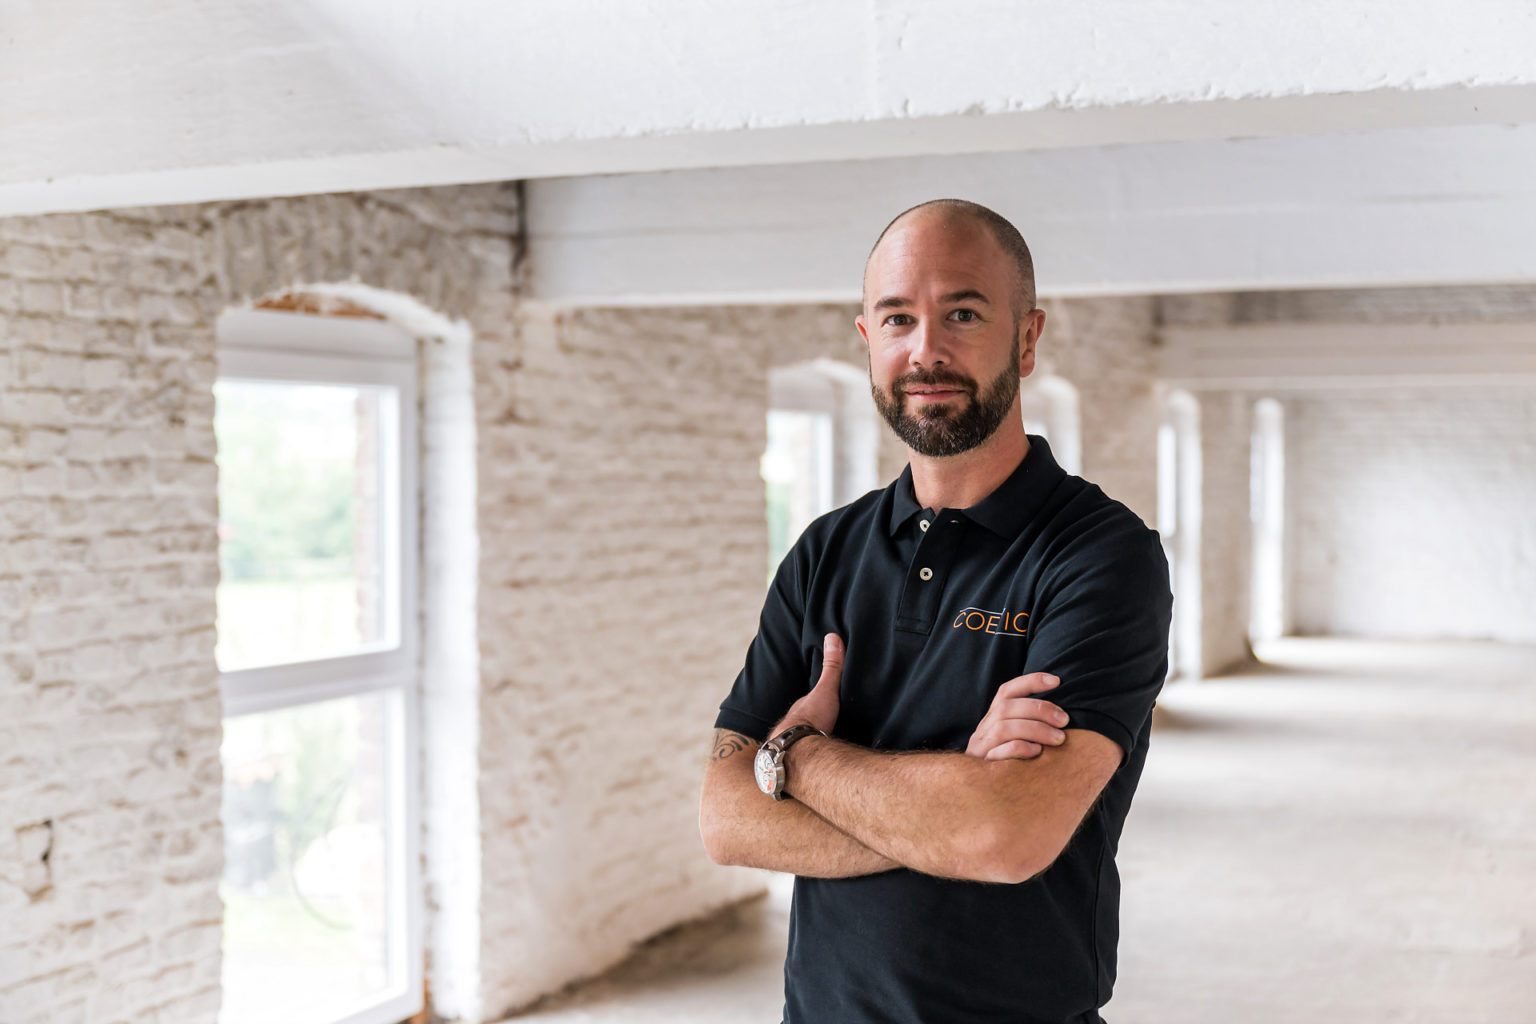 Jean-Philippe Dusauçoit, fondateur de Coezion, AUrore Delsoir photographe